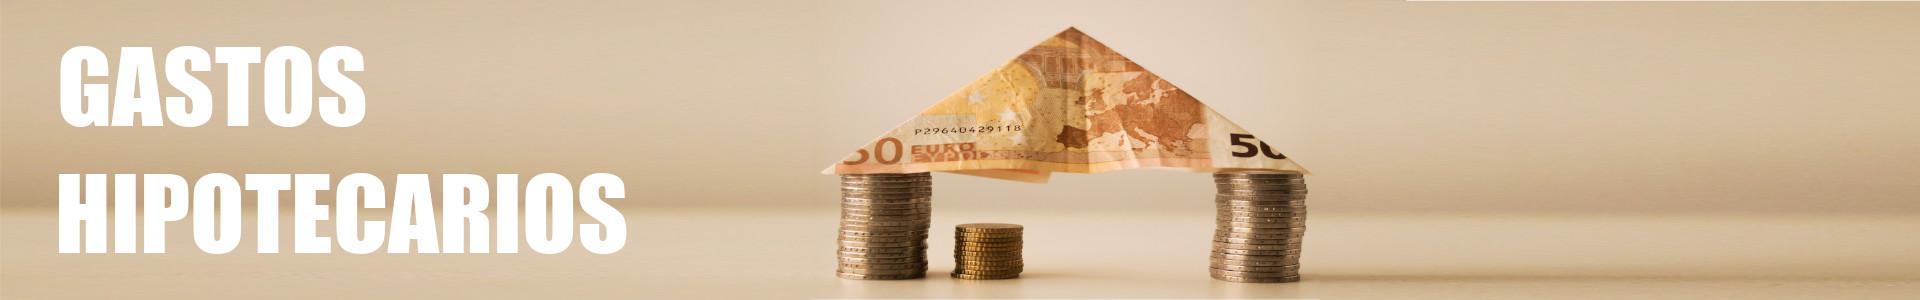 gastos-hipotecarios-casa-monedas-billete